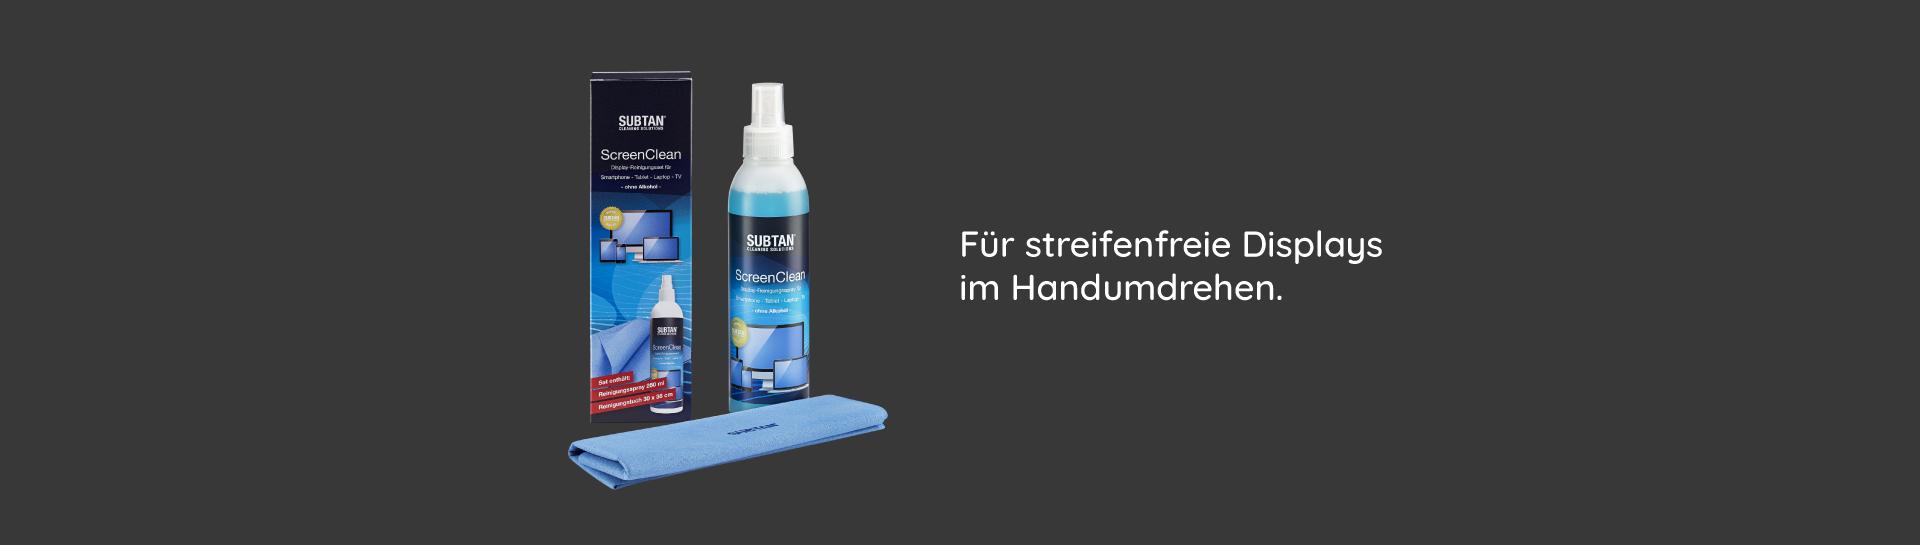 SUBTAN Bildschirmreiniger Sprayflasche mit Tuch